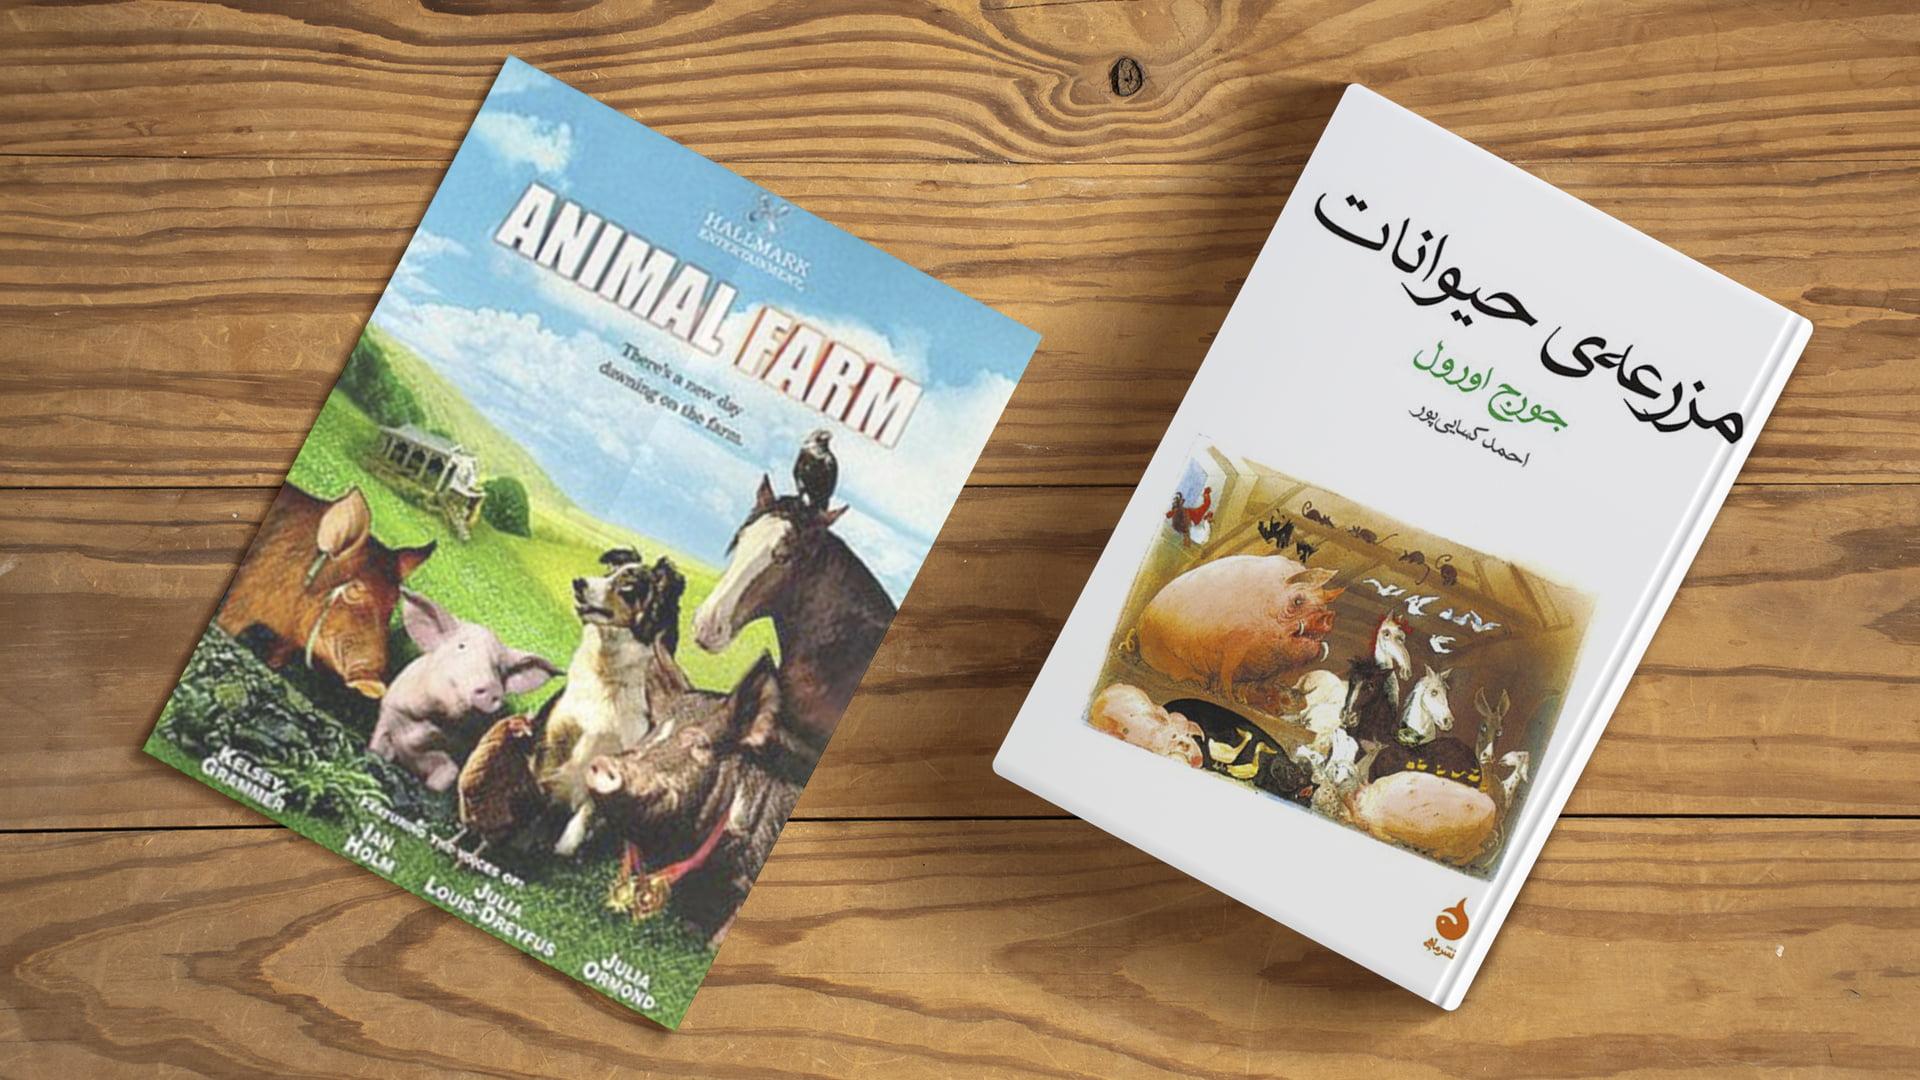 معرفی کتاب مزرعه حیوانات (قلعه حیوانات) نوشته جورج اورول